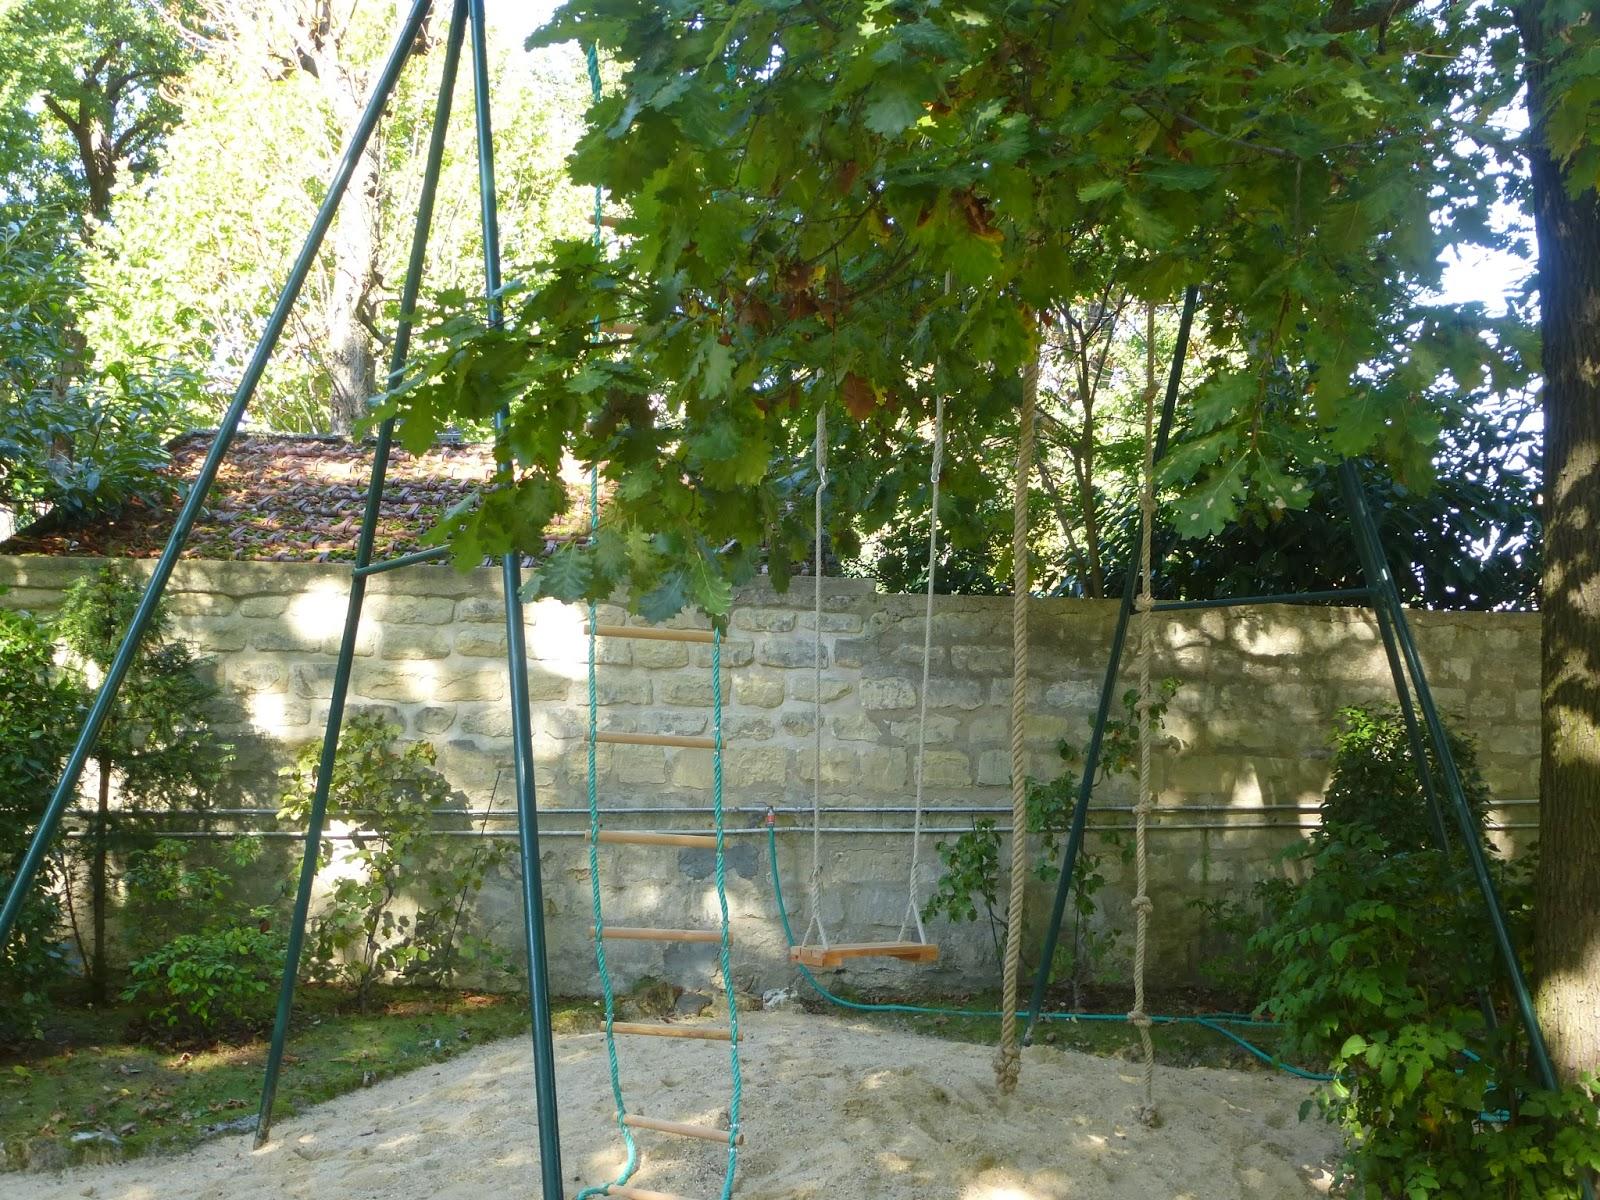 photos cordages agr s de jardin balan oire chelle de corde pp corde chanvre lisse. Black Bedroom Furniture Sets. Home Design Ideas